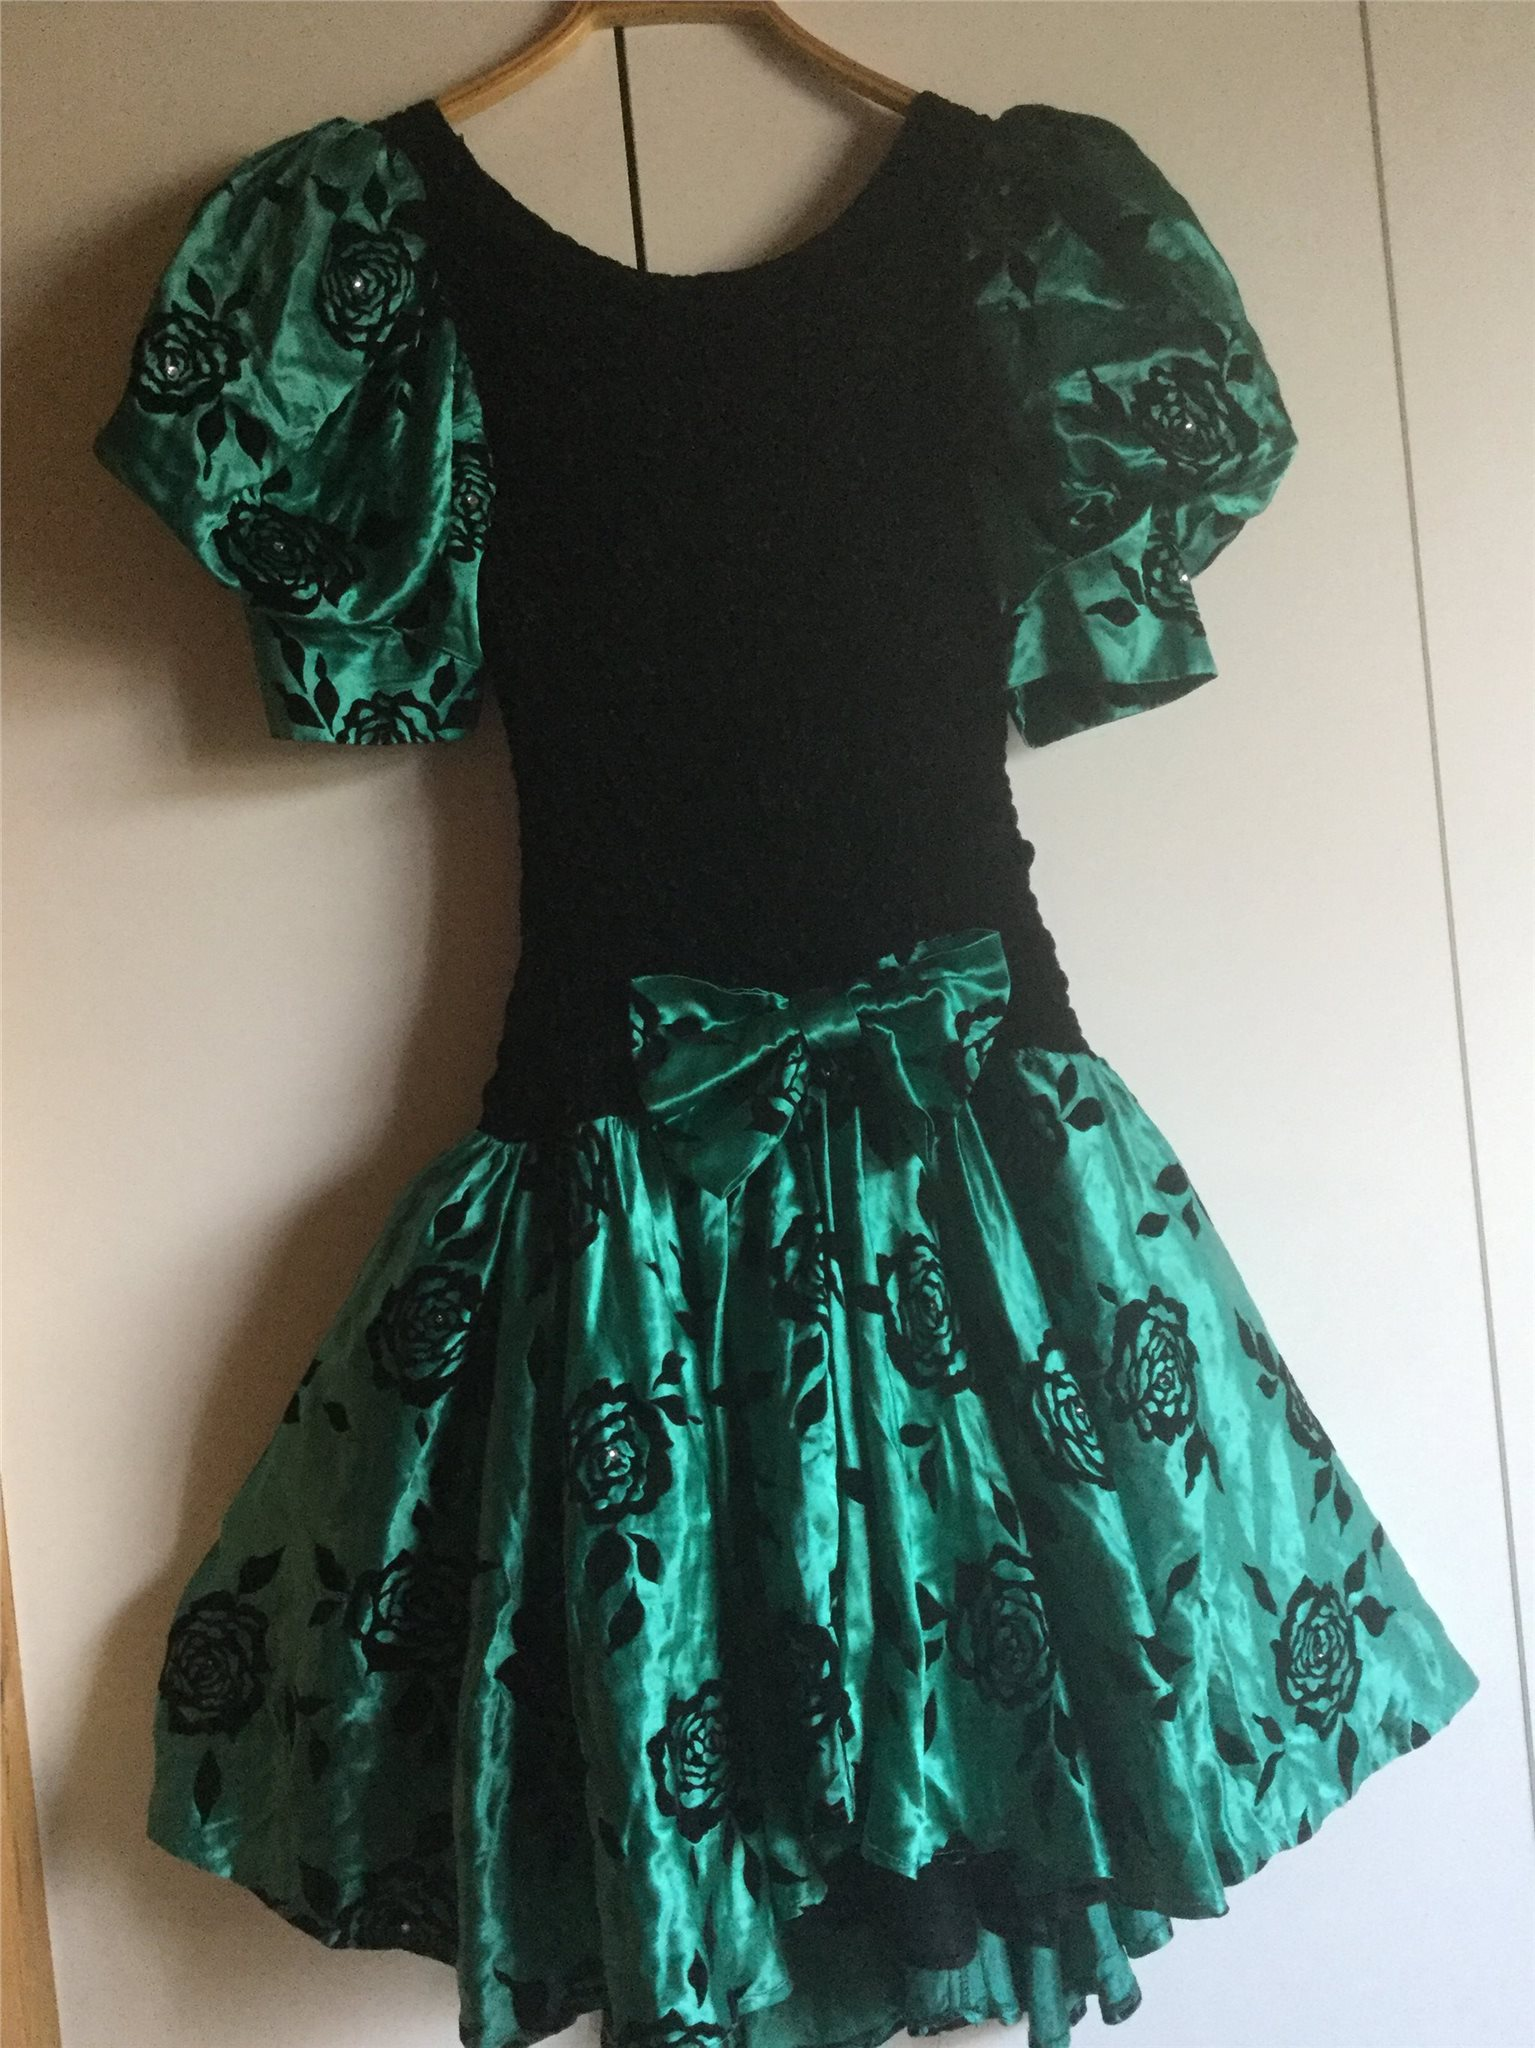 0fa74eff9bf6 Super fin svart/grön glittrig klänning student.. (338652983) ᐈ Köp ...